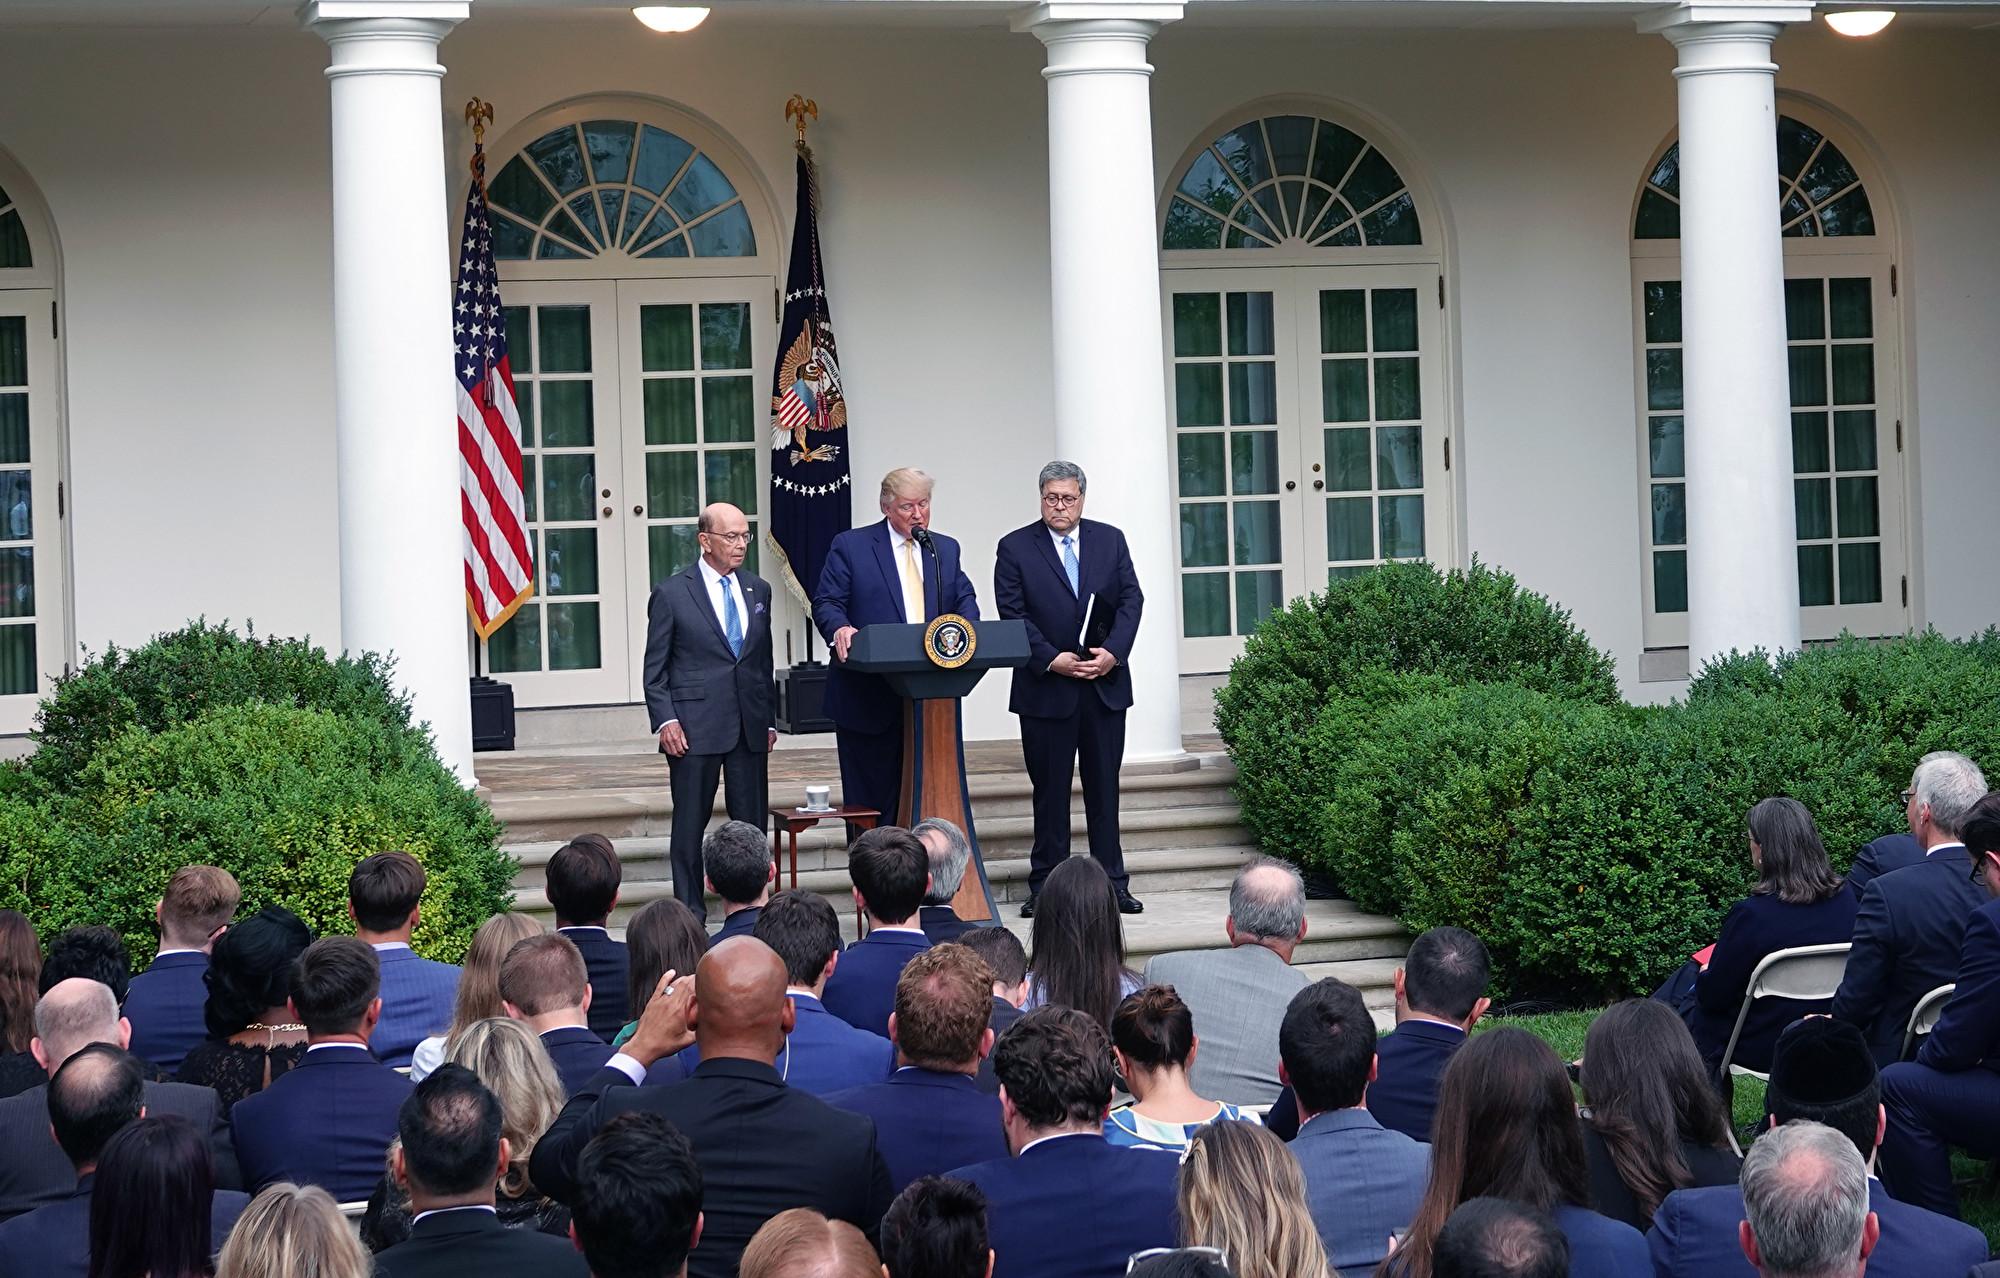 美國總統特朗普7月11日在白宮玫瑰園舉行的記者會現場。(亦平/大紀元)